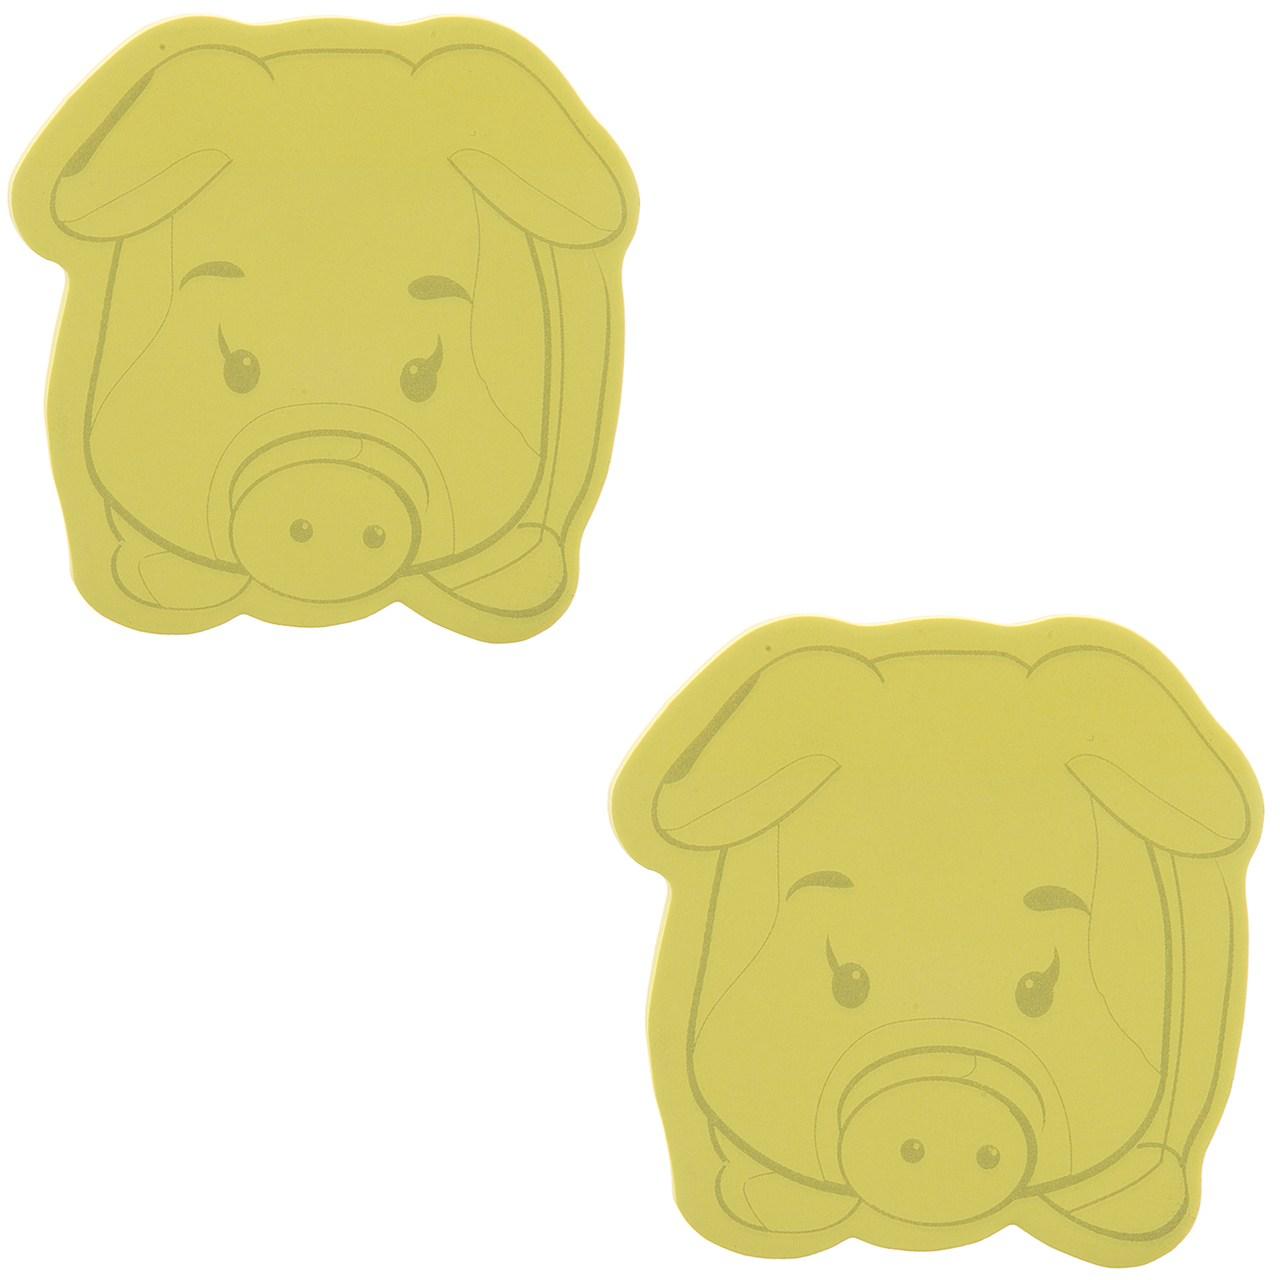 کاغذ یادداشت چسب دار فنس طرح خوک کد 9210 بسته 70 عددی